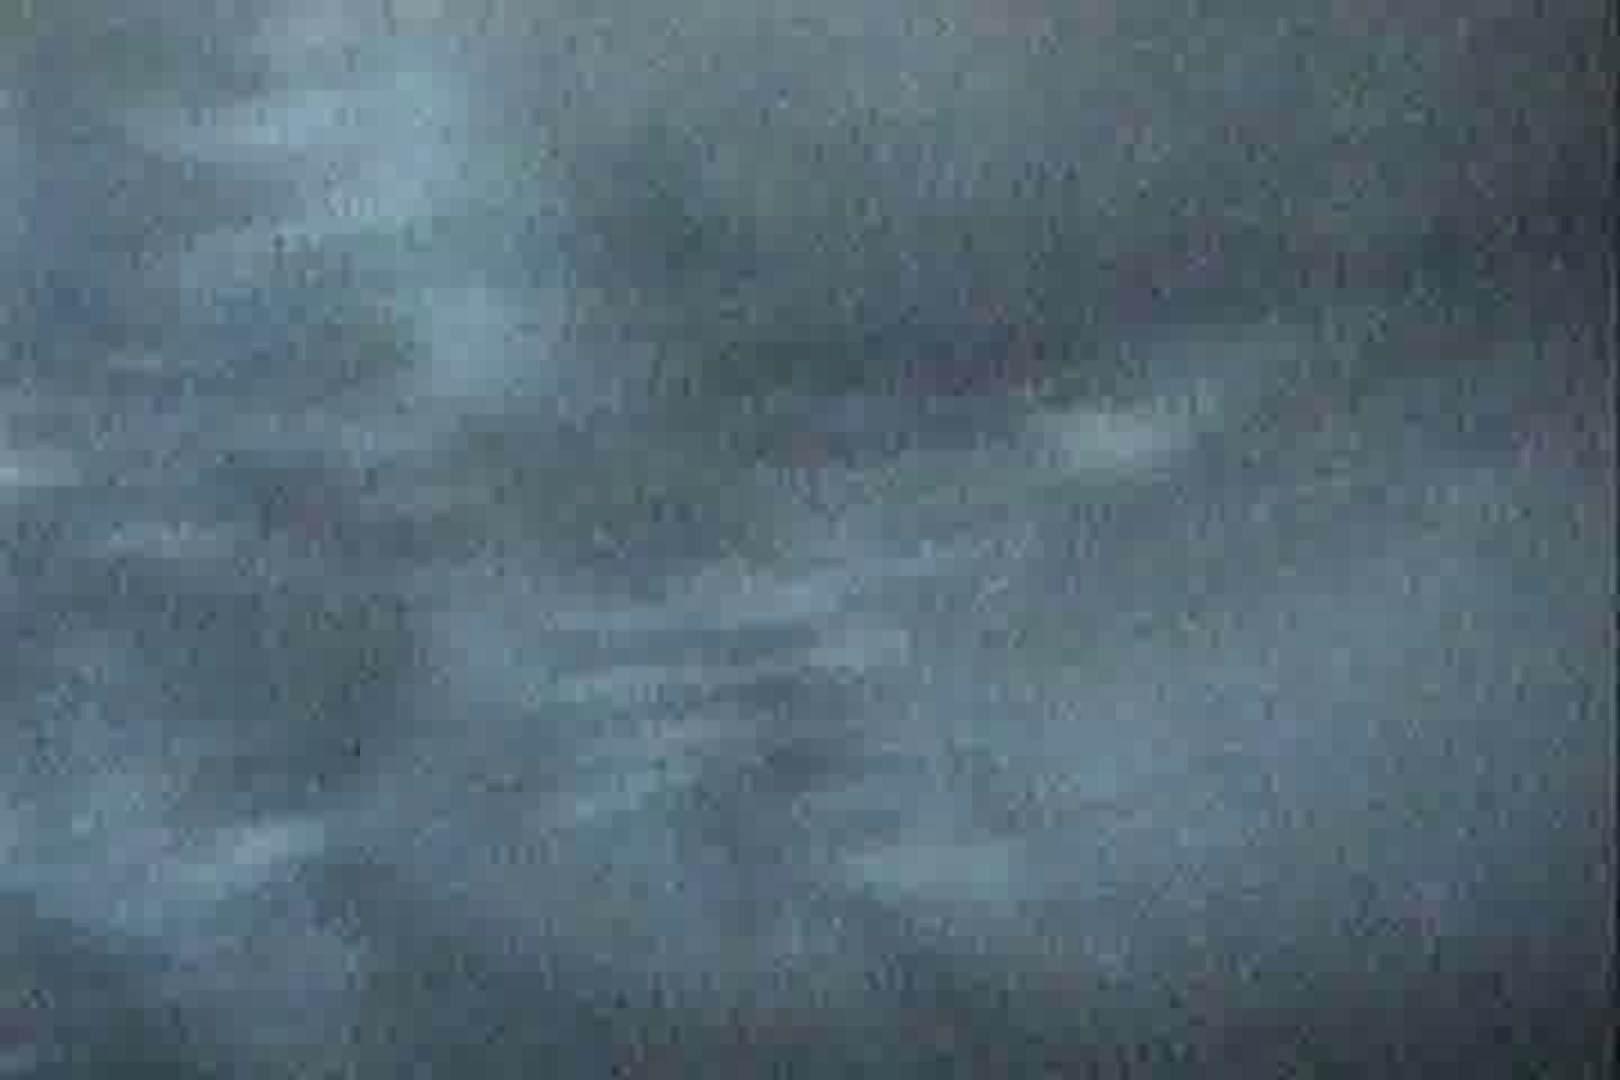 充血監督の深夜の運動会Vol.14 独身エッチOL | カーセックス  62pic 47